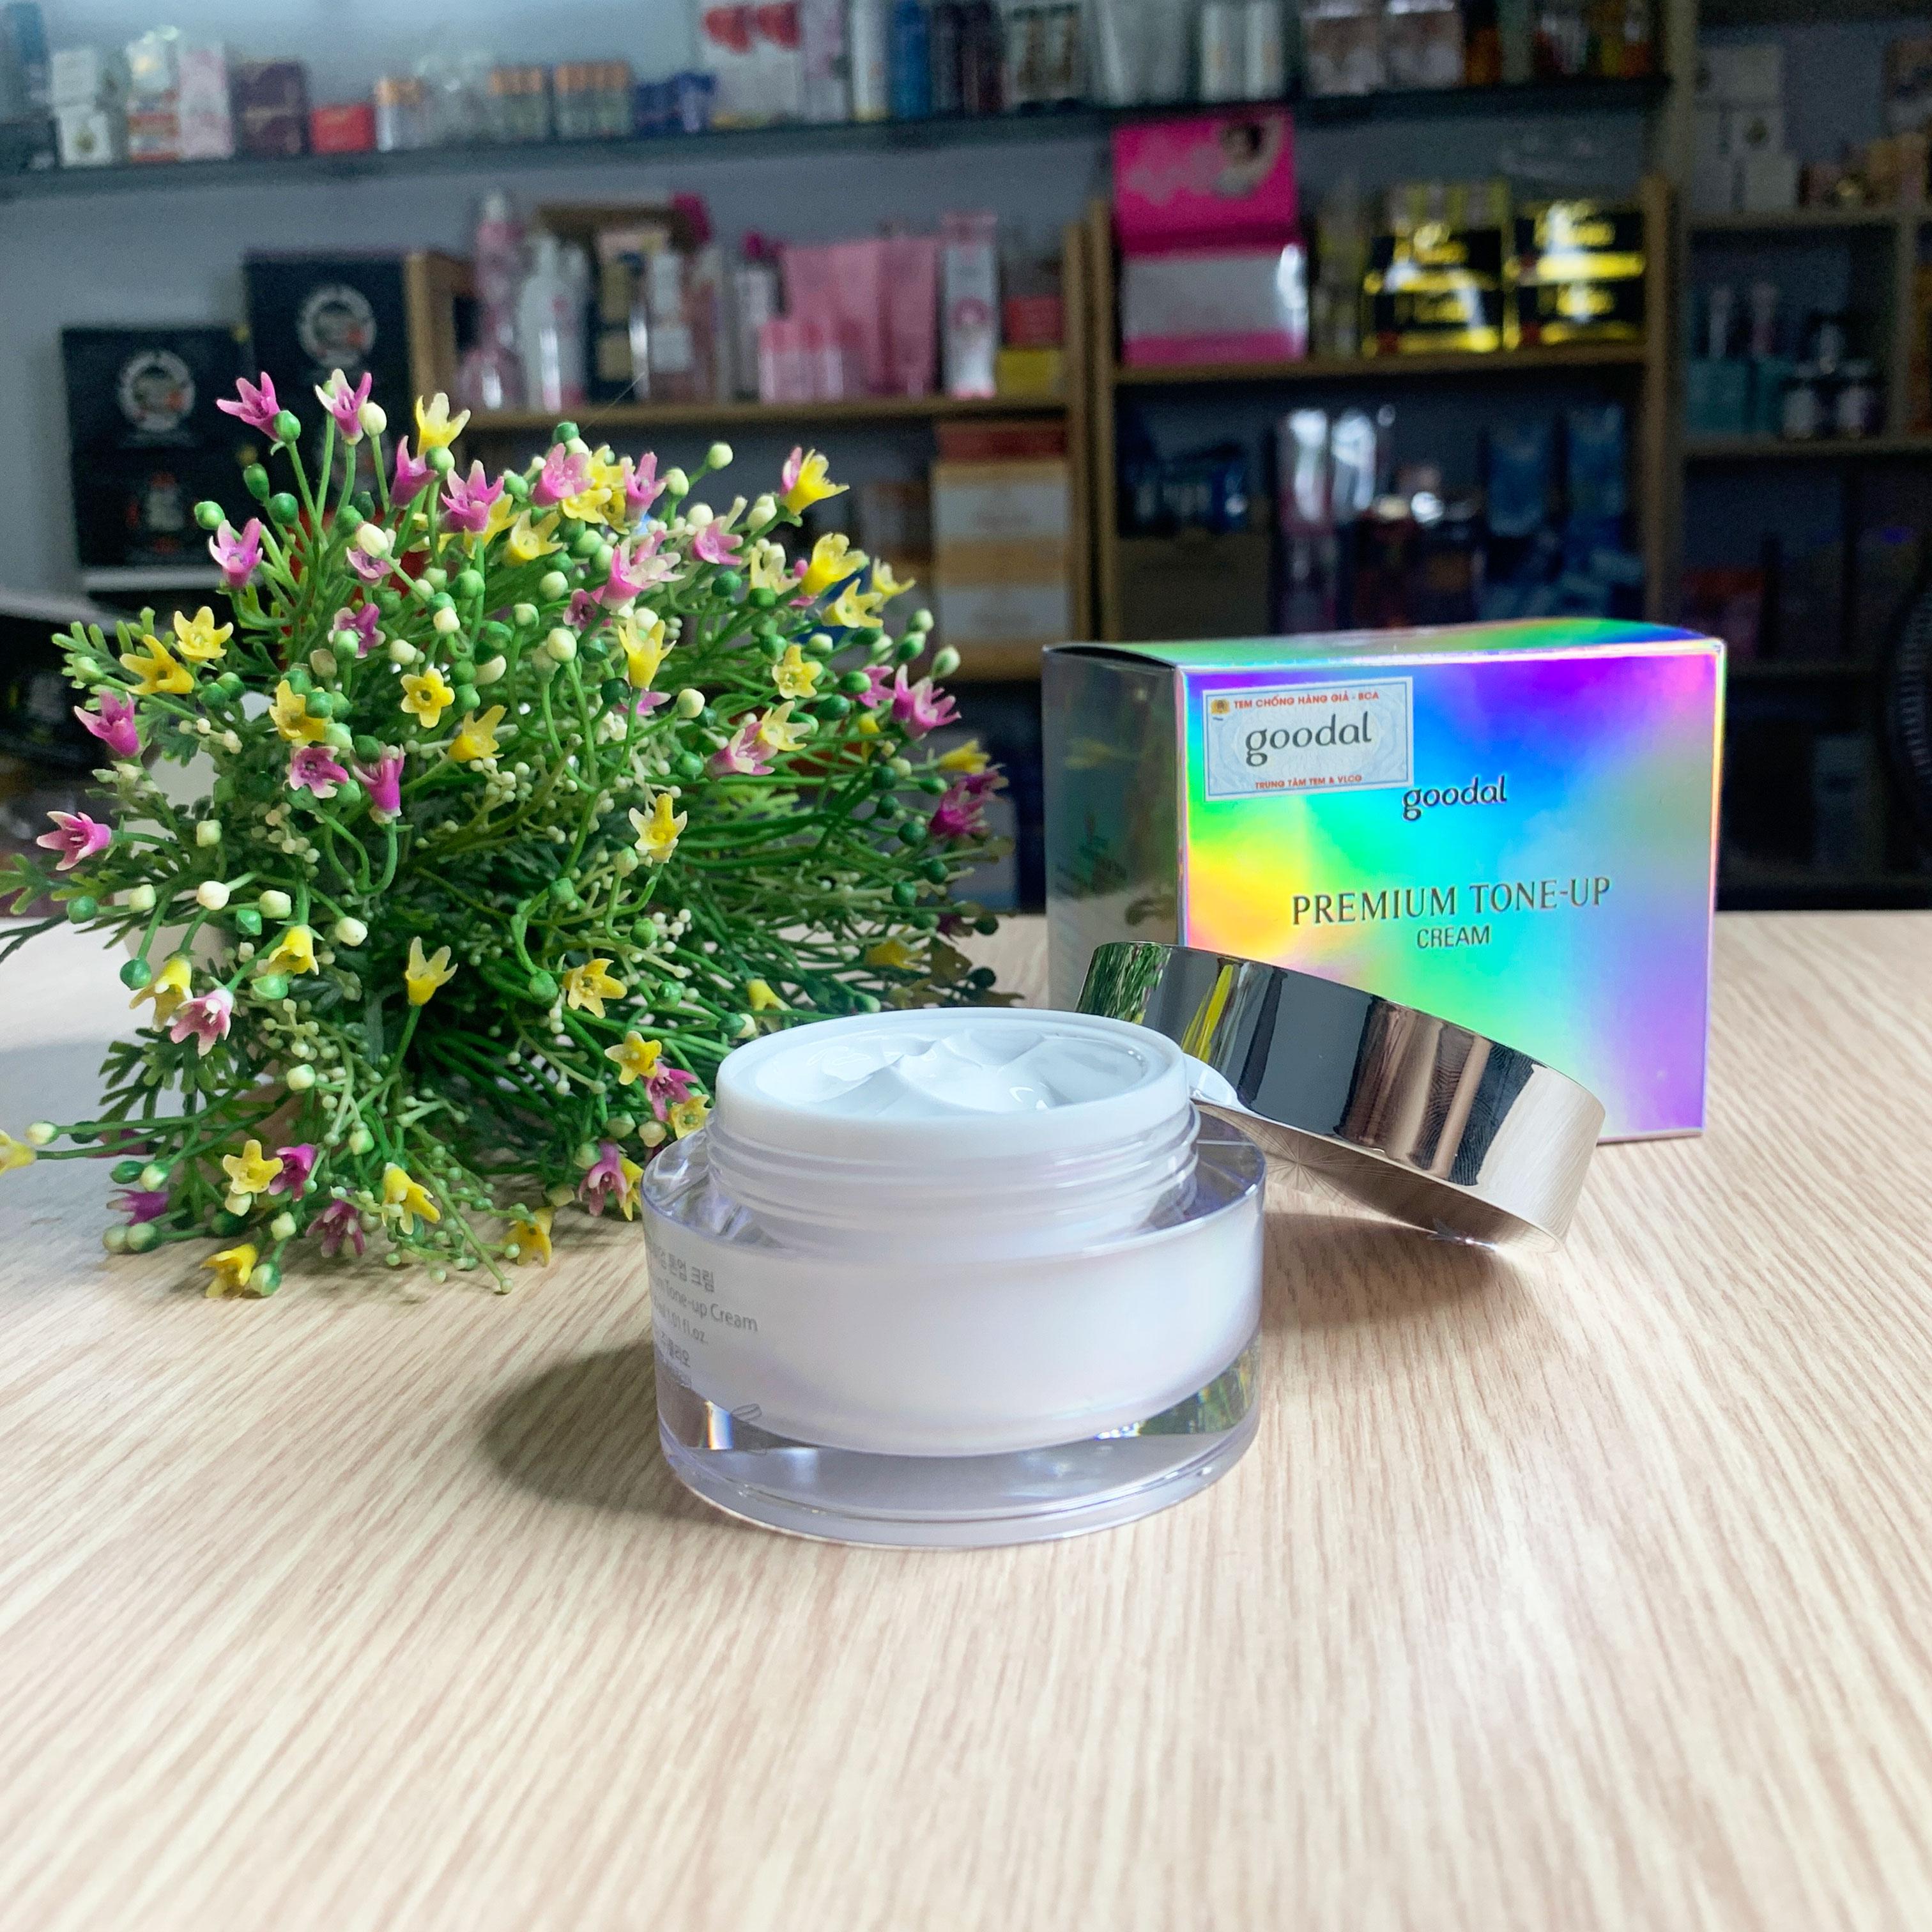 Kem Ốc Sên Dưỡng Trắng Goodal Premium Snail Tone Up Cream(Mẫu Mới 2020)